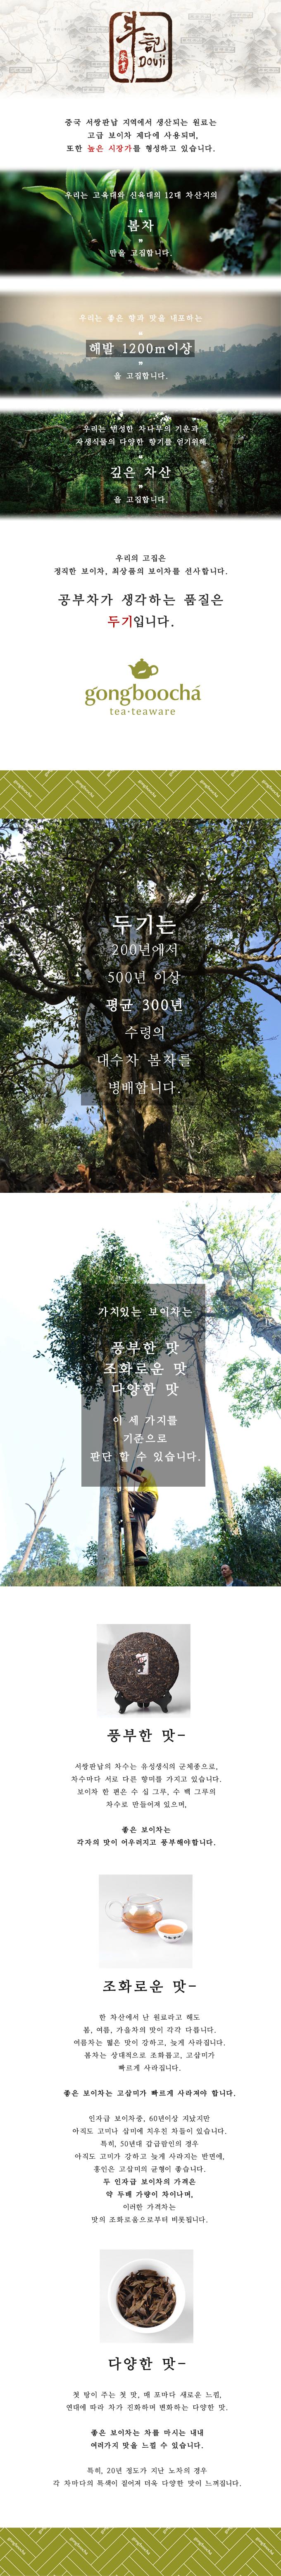 http://ai.esmplus.com/gongboocha/douji/douji_intro.png